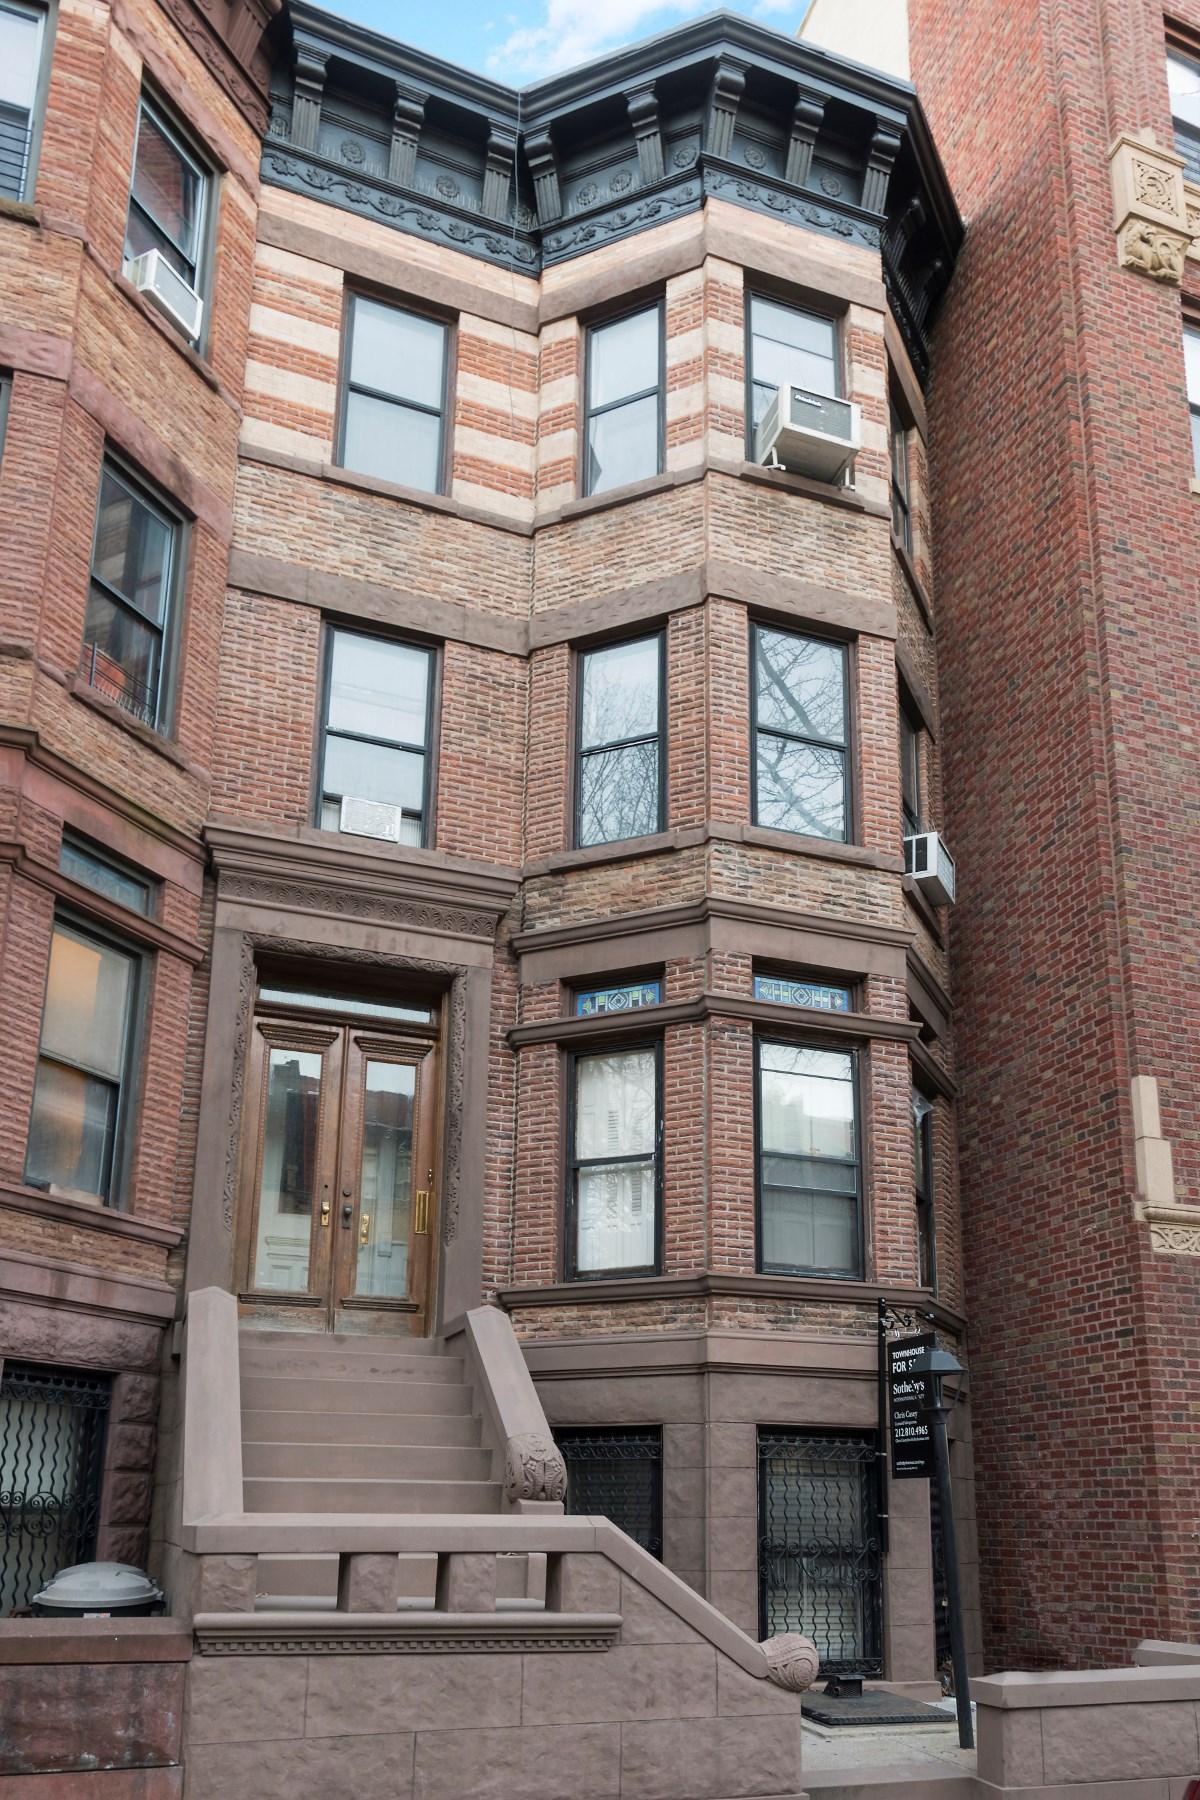 타운하우스 용 매매 에 Park Slope Townhome 536 Second Street Park Slope, Brooklyn, 뉴욕 11215 미국